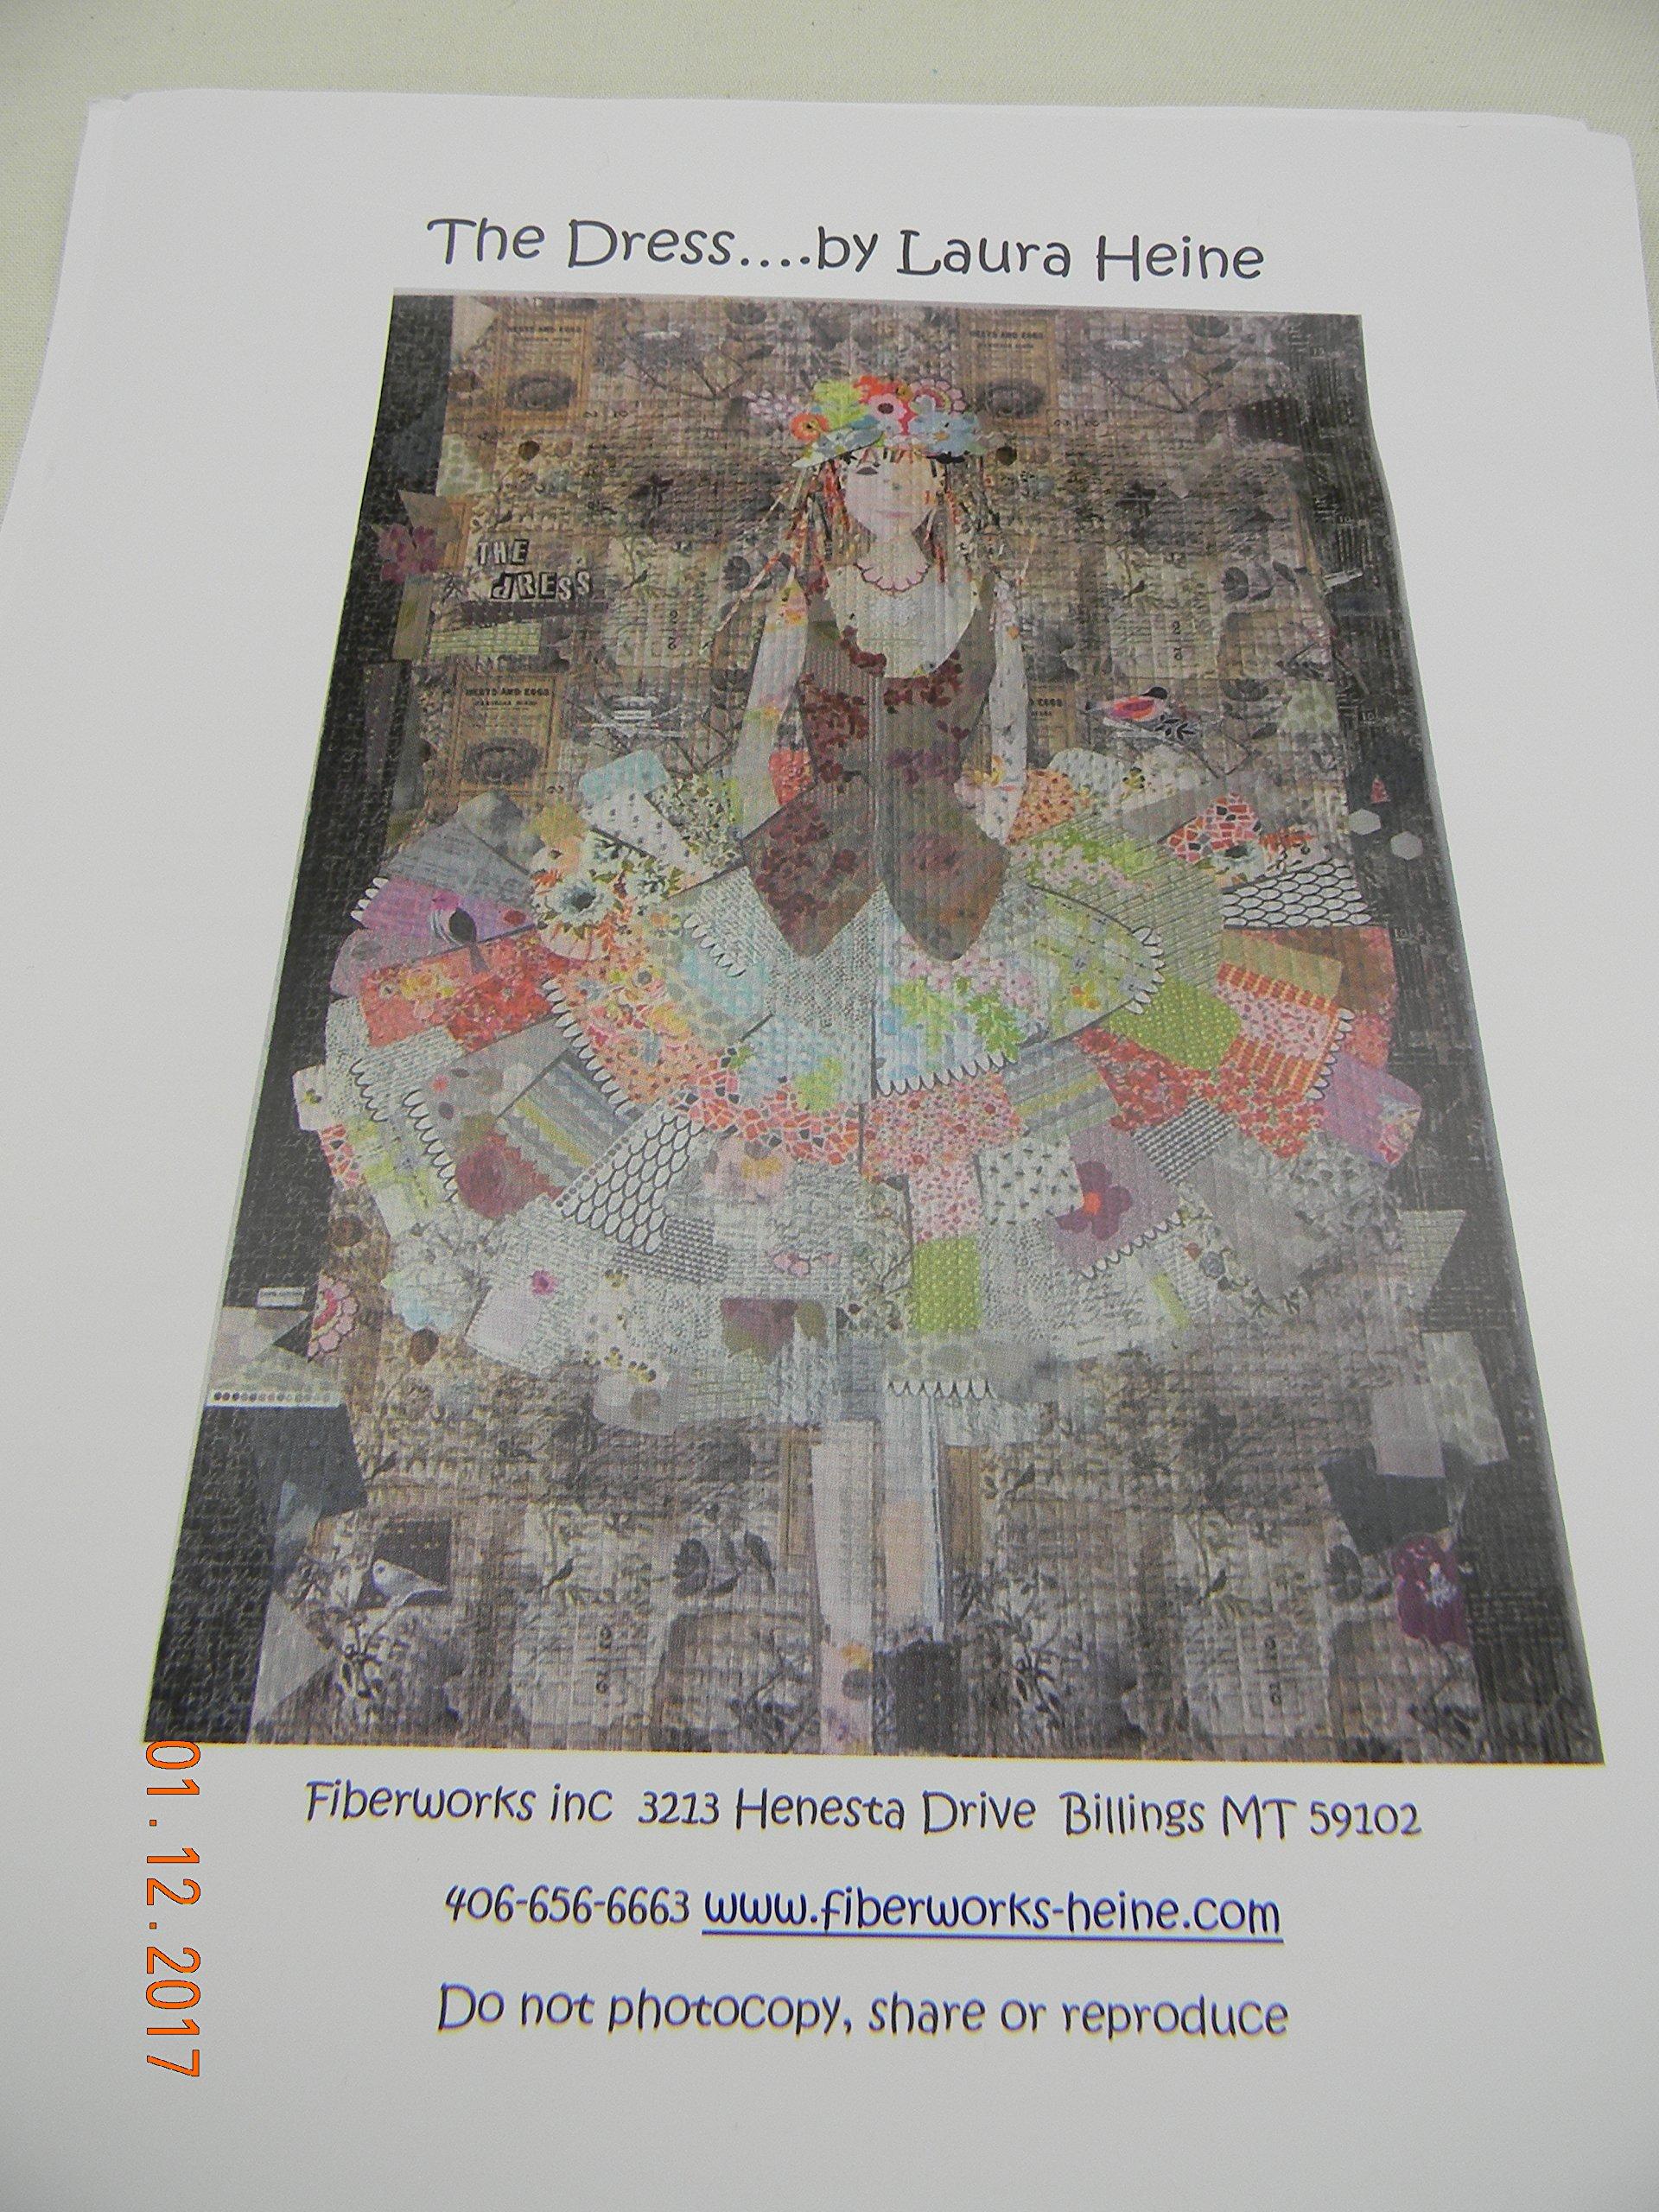 The Dress Quilt Pattern by Laura Heine by Fiberworks